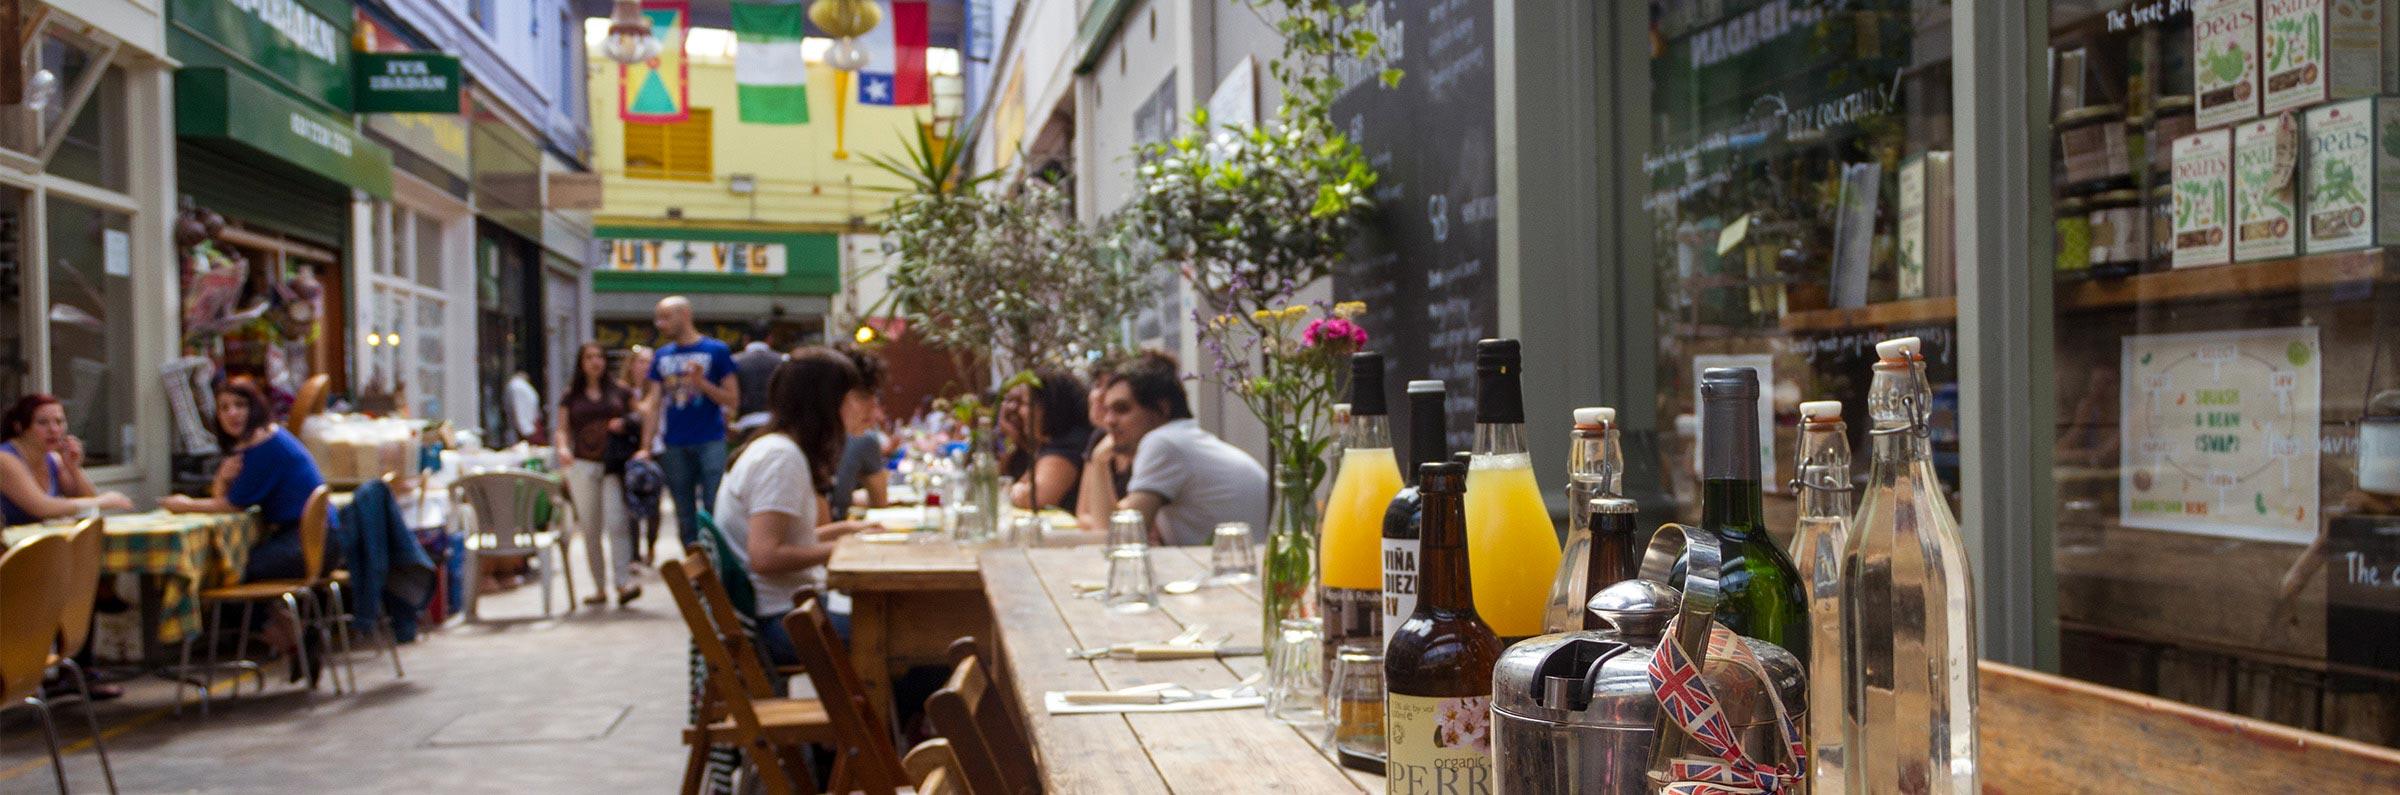 Comidas y bebidas in Londres